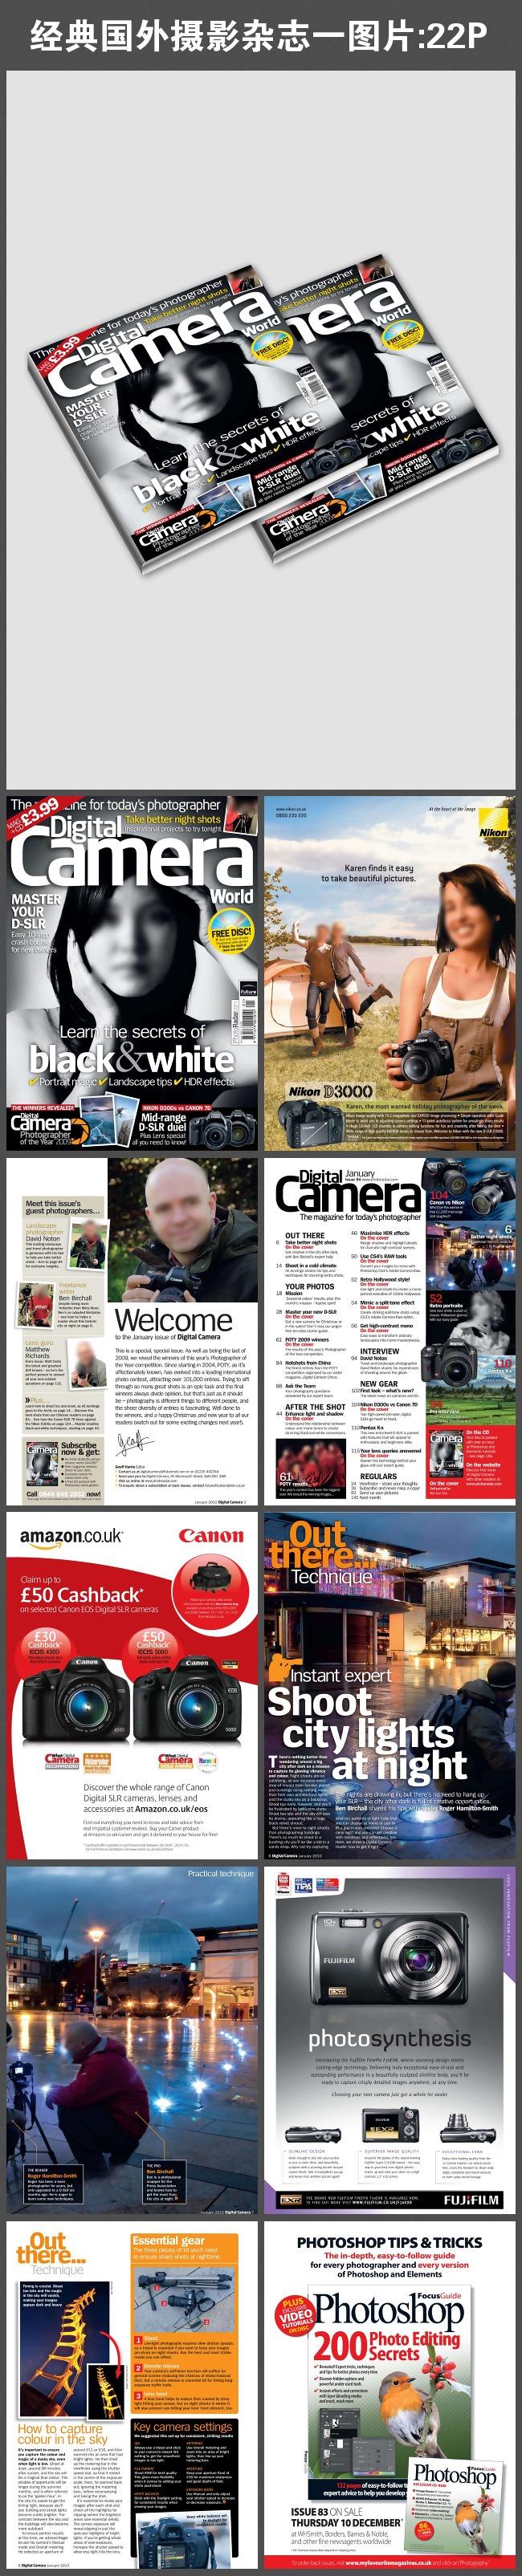 经典国外摄影杂志一图片模板下载